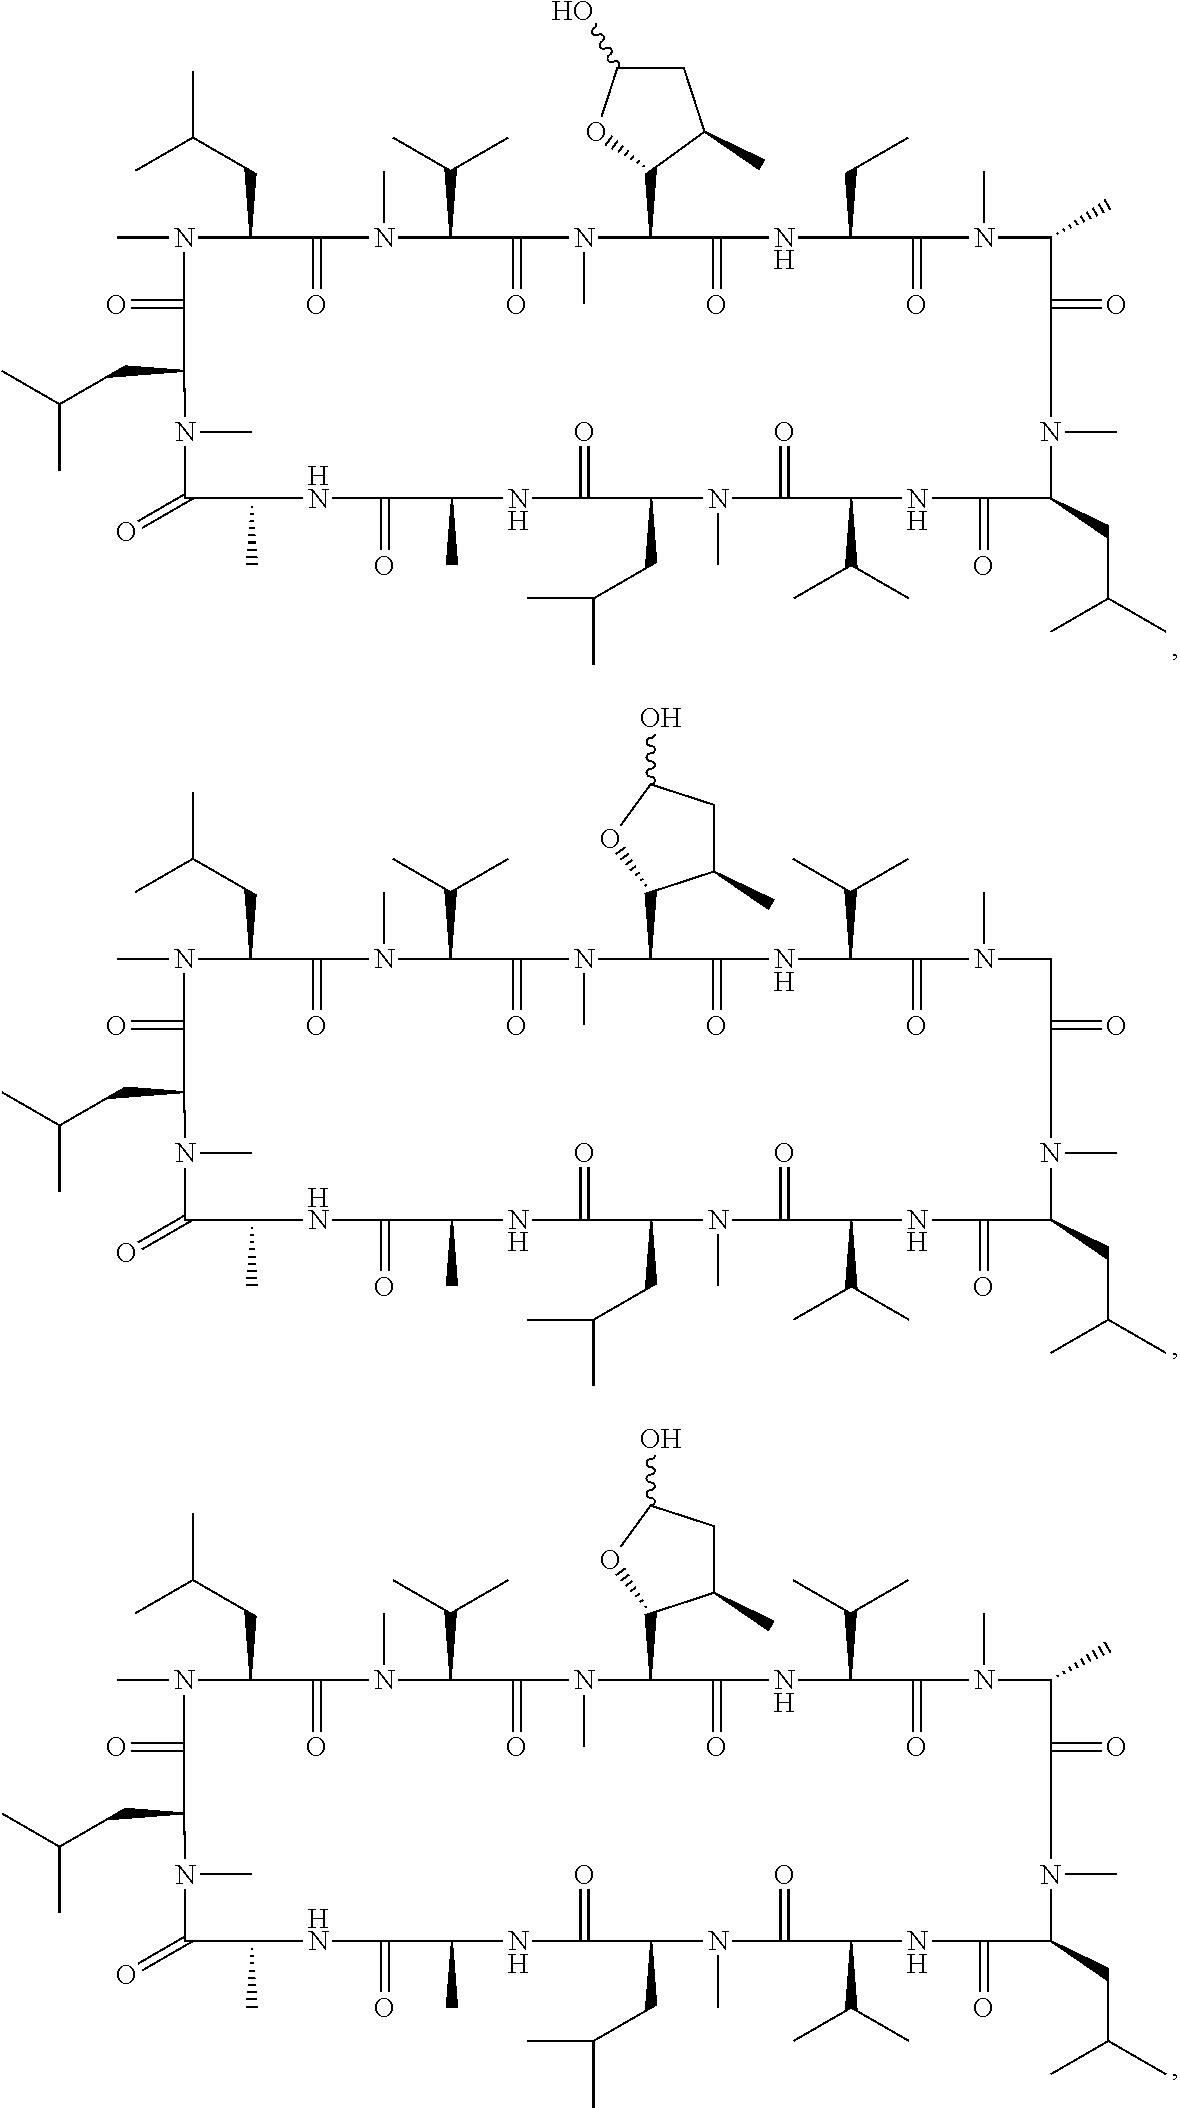 Figure US09914755-20180313-C00016